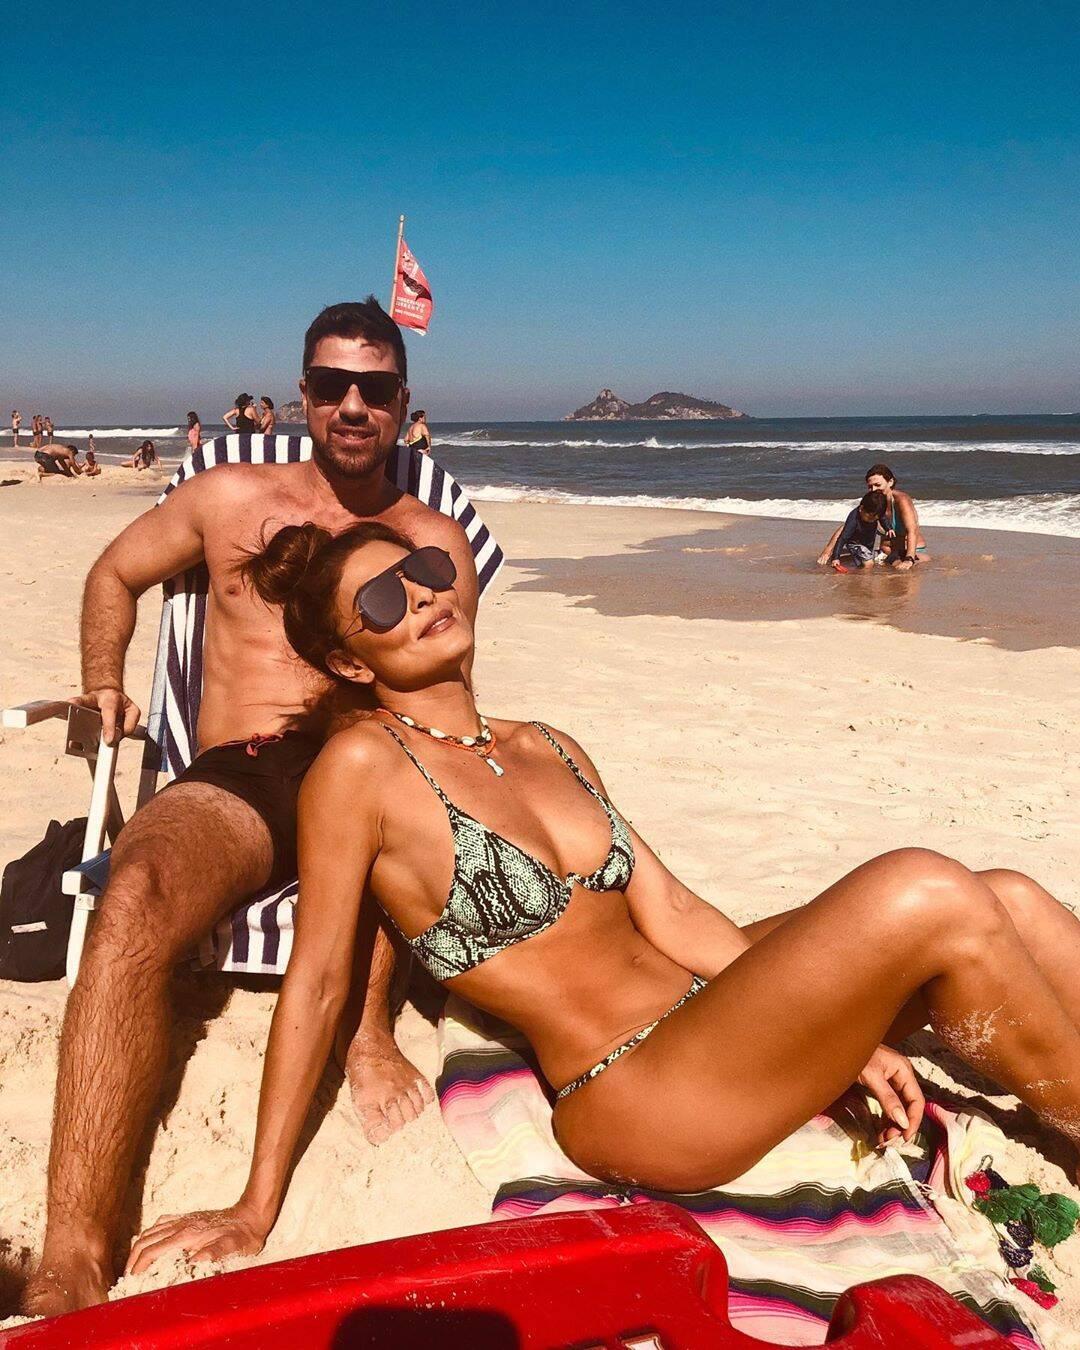 Juliana Paes foi uma das celebridades que apostaram no 'animal print' para o verão. Foto: Reprodução/Instagram